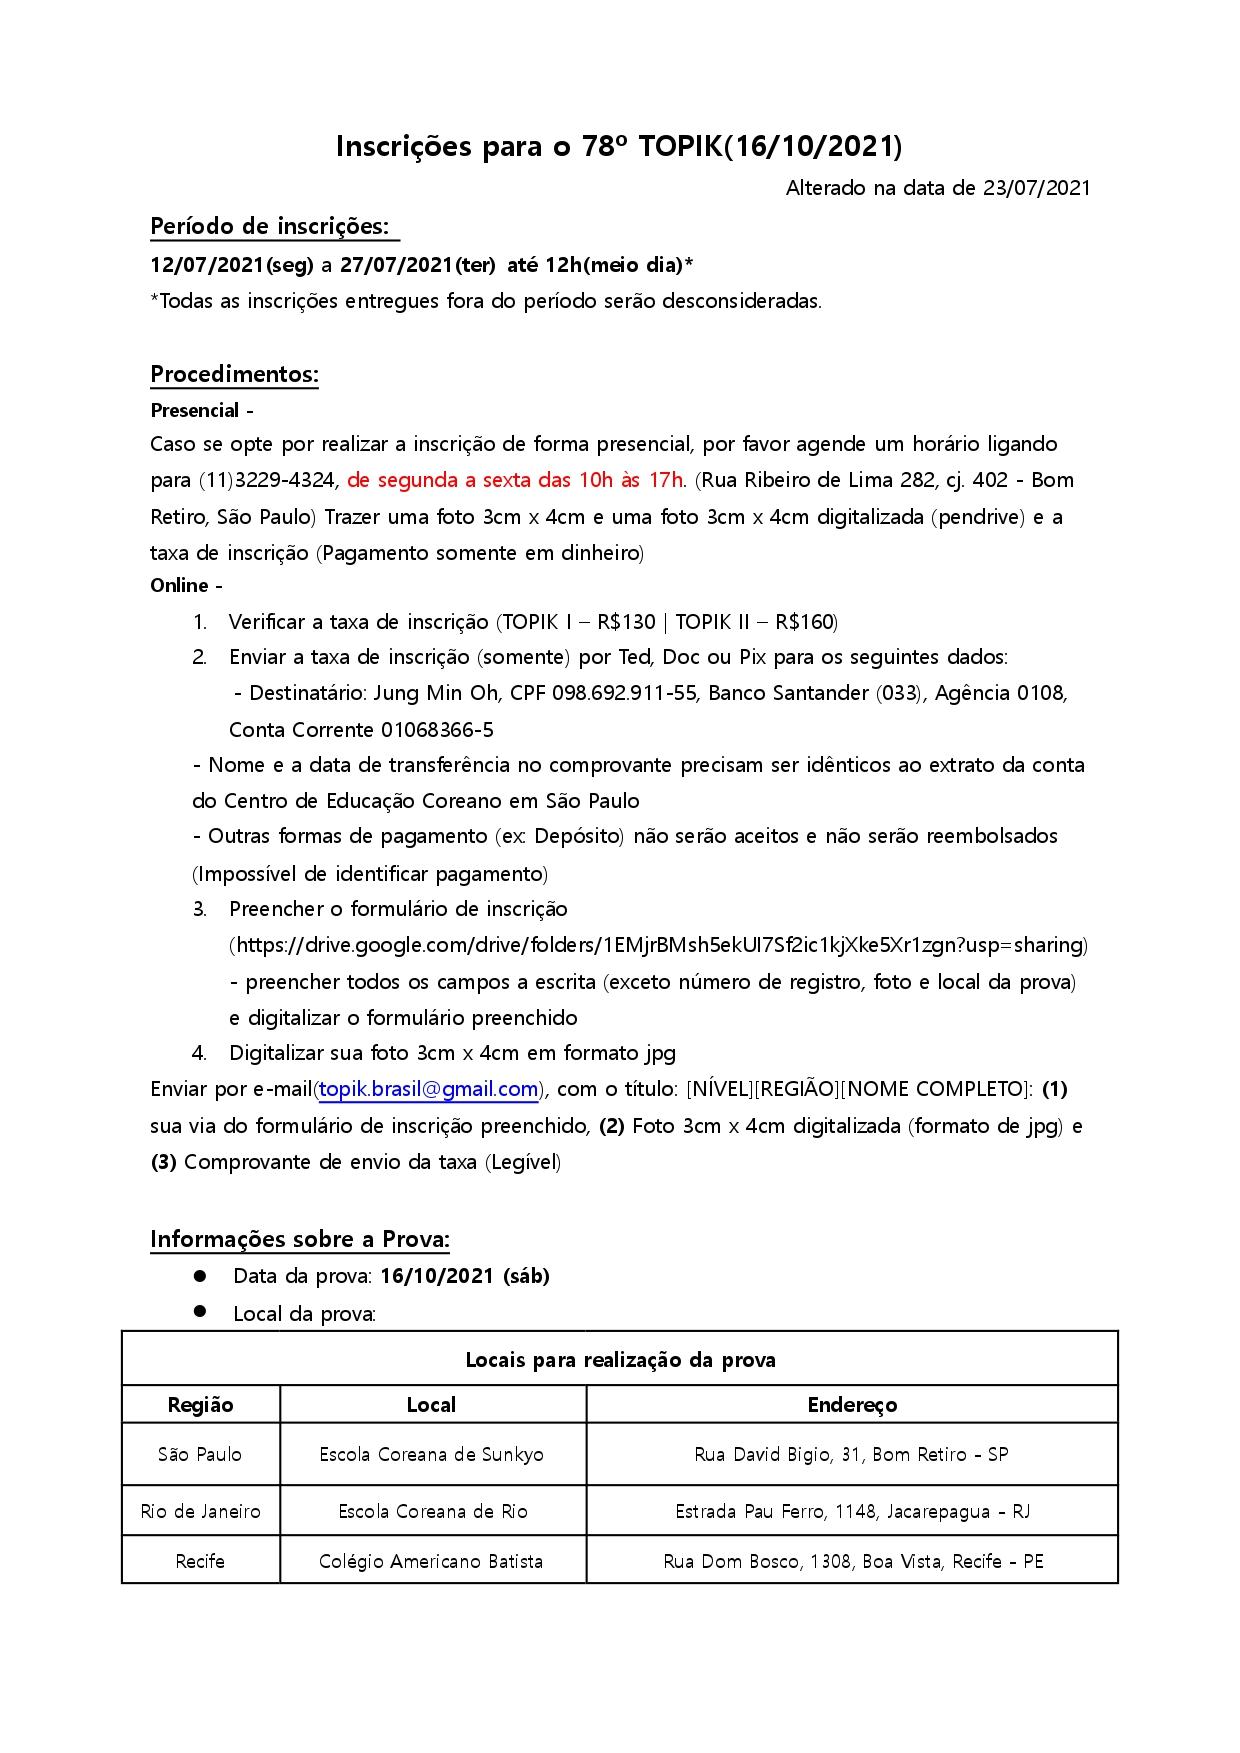 Inscrições para o 78º TOPIK_page-0001.jpg